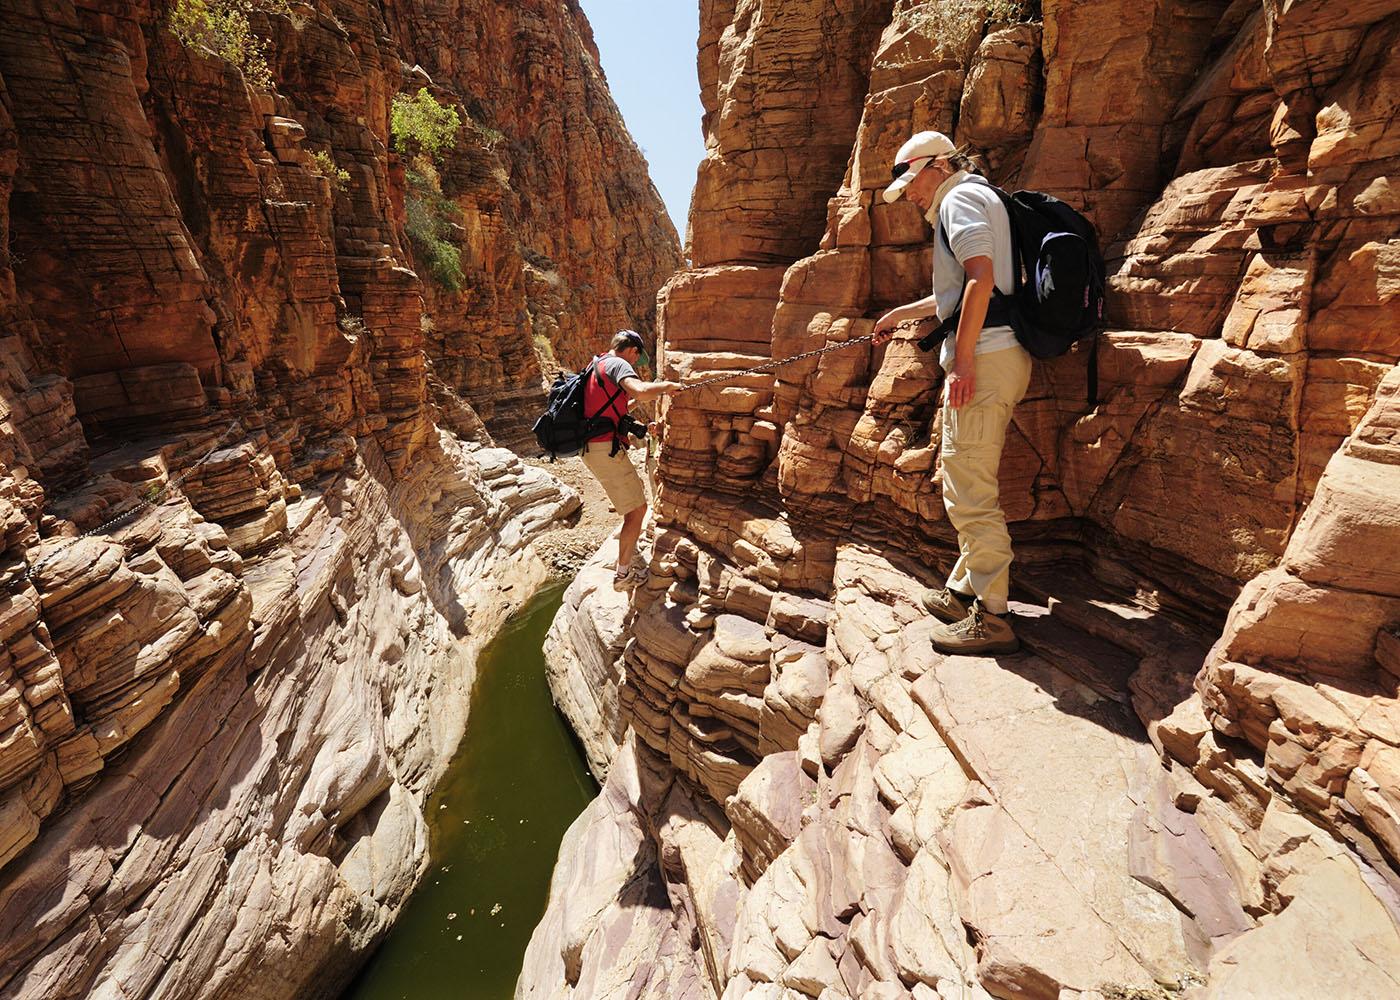 Namibie, Namib-Naukluft National Park, un couple traversant une gorge étroite de l'Olive Trail par une chaîne surplombant un bassin d'eau